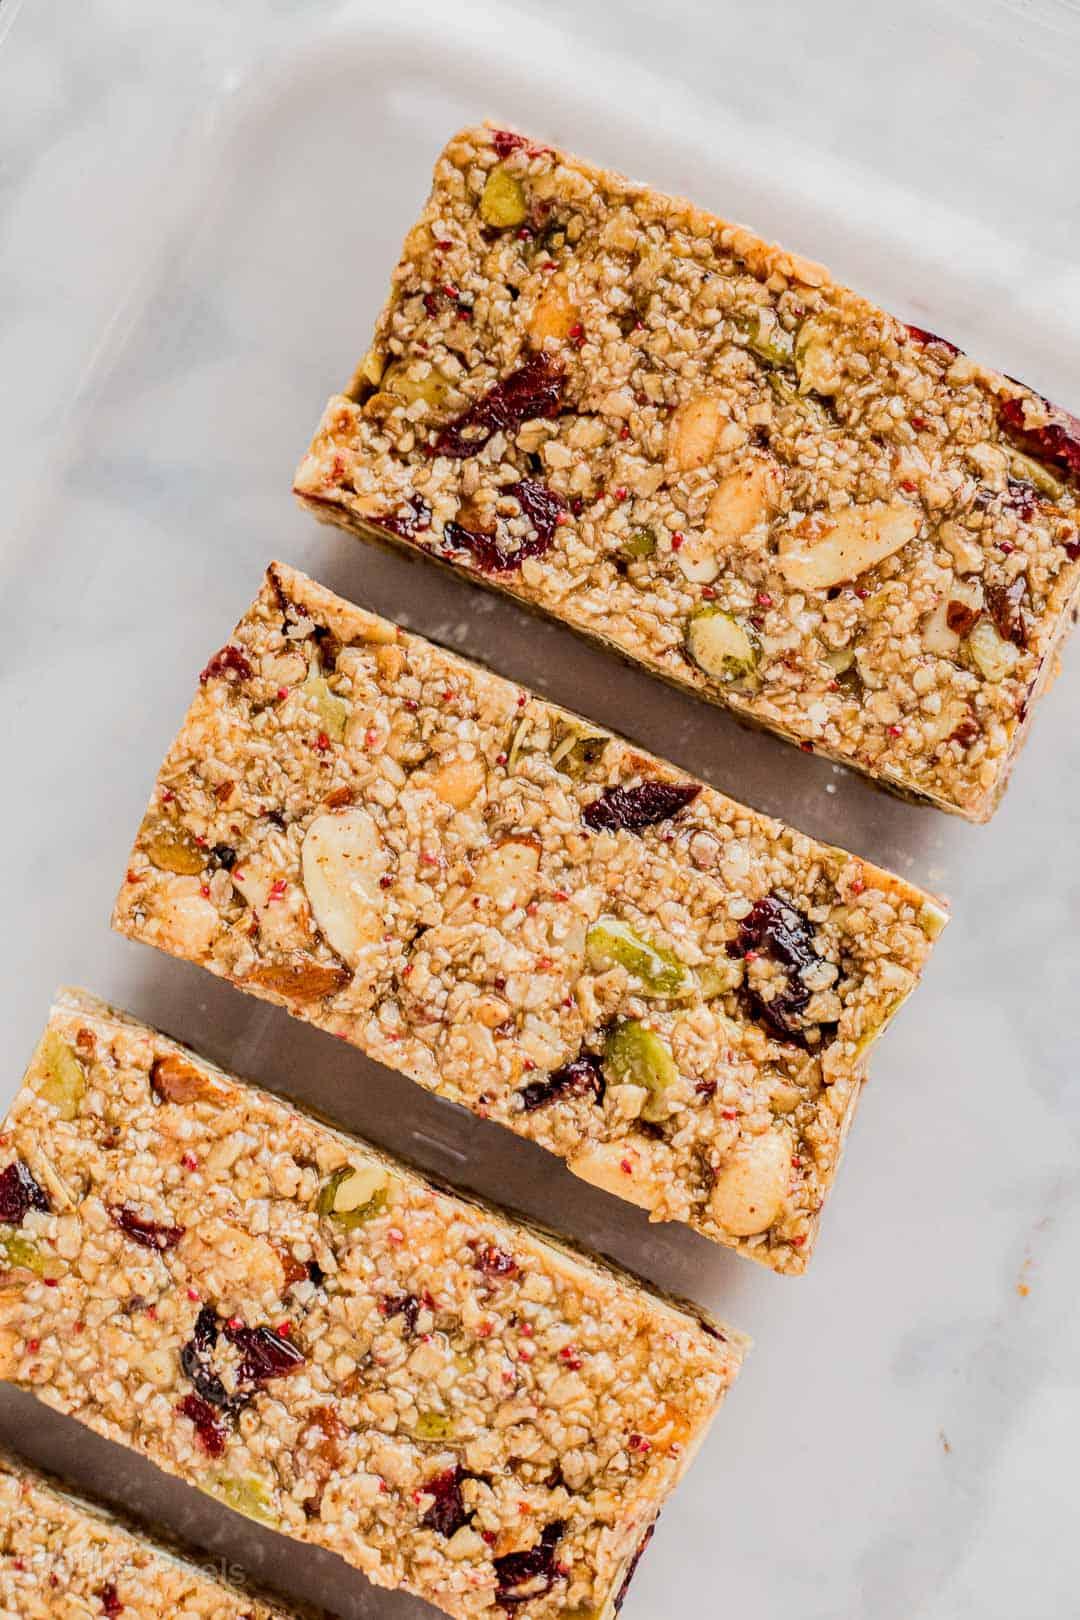 Cut Cranberry Almond Granola Bars on parchment paper